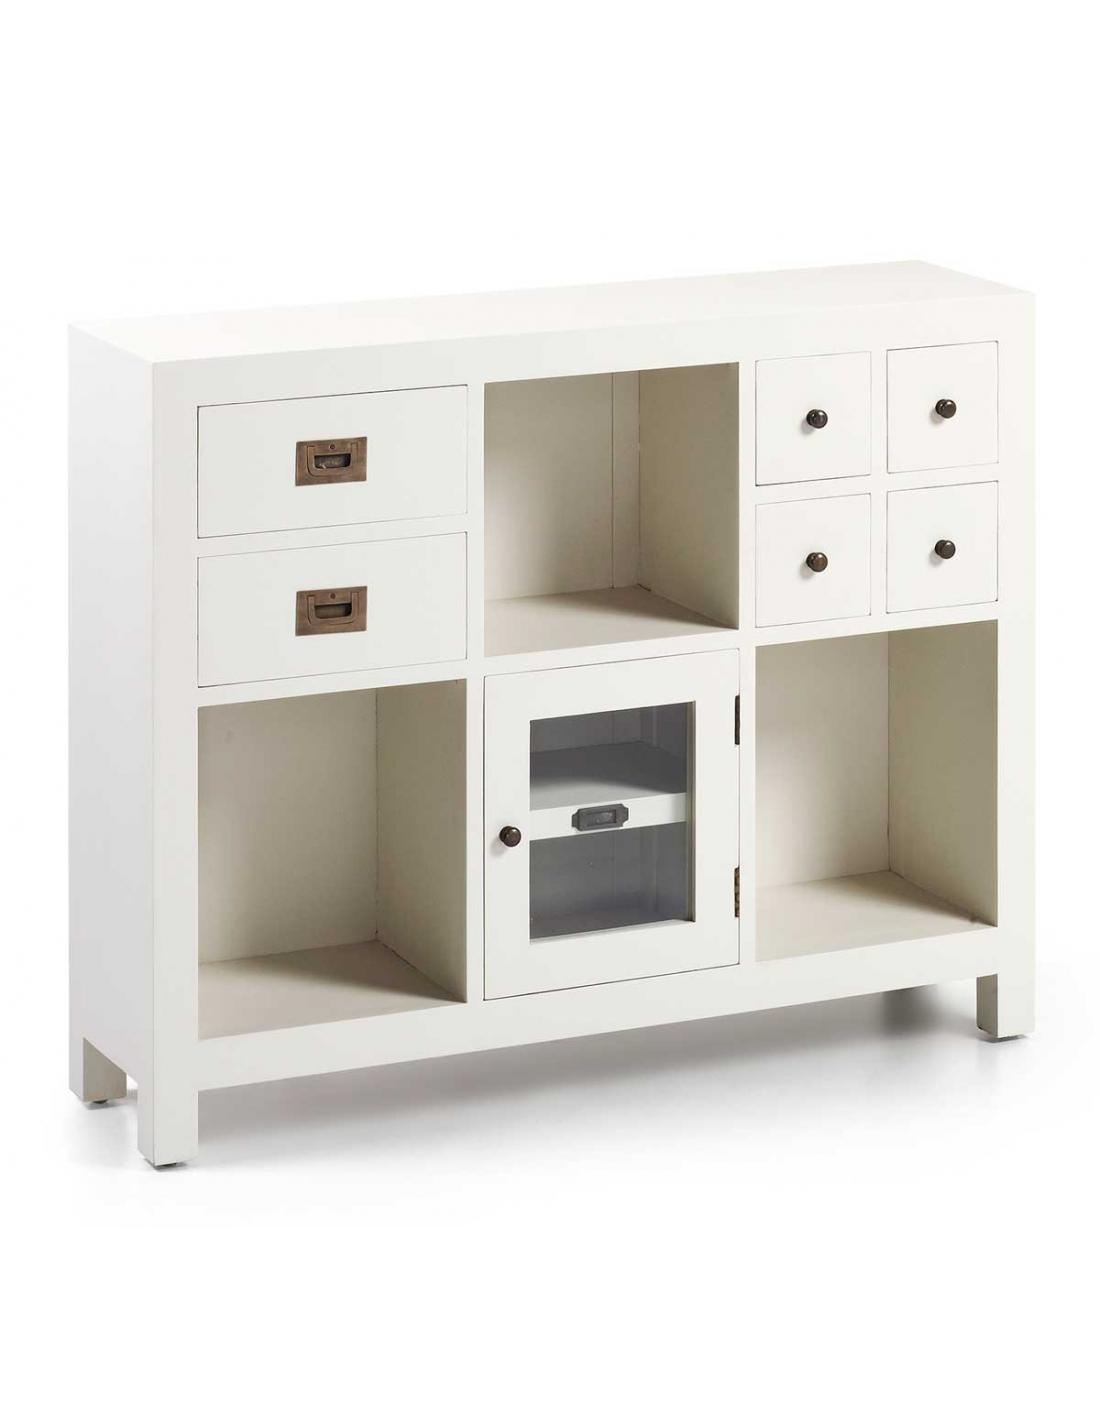 Comprar mueble recibidor new white 6 cajones 1 puerta y 3 for Mueble 6 puertas